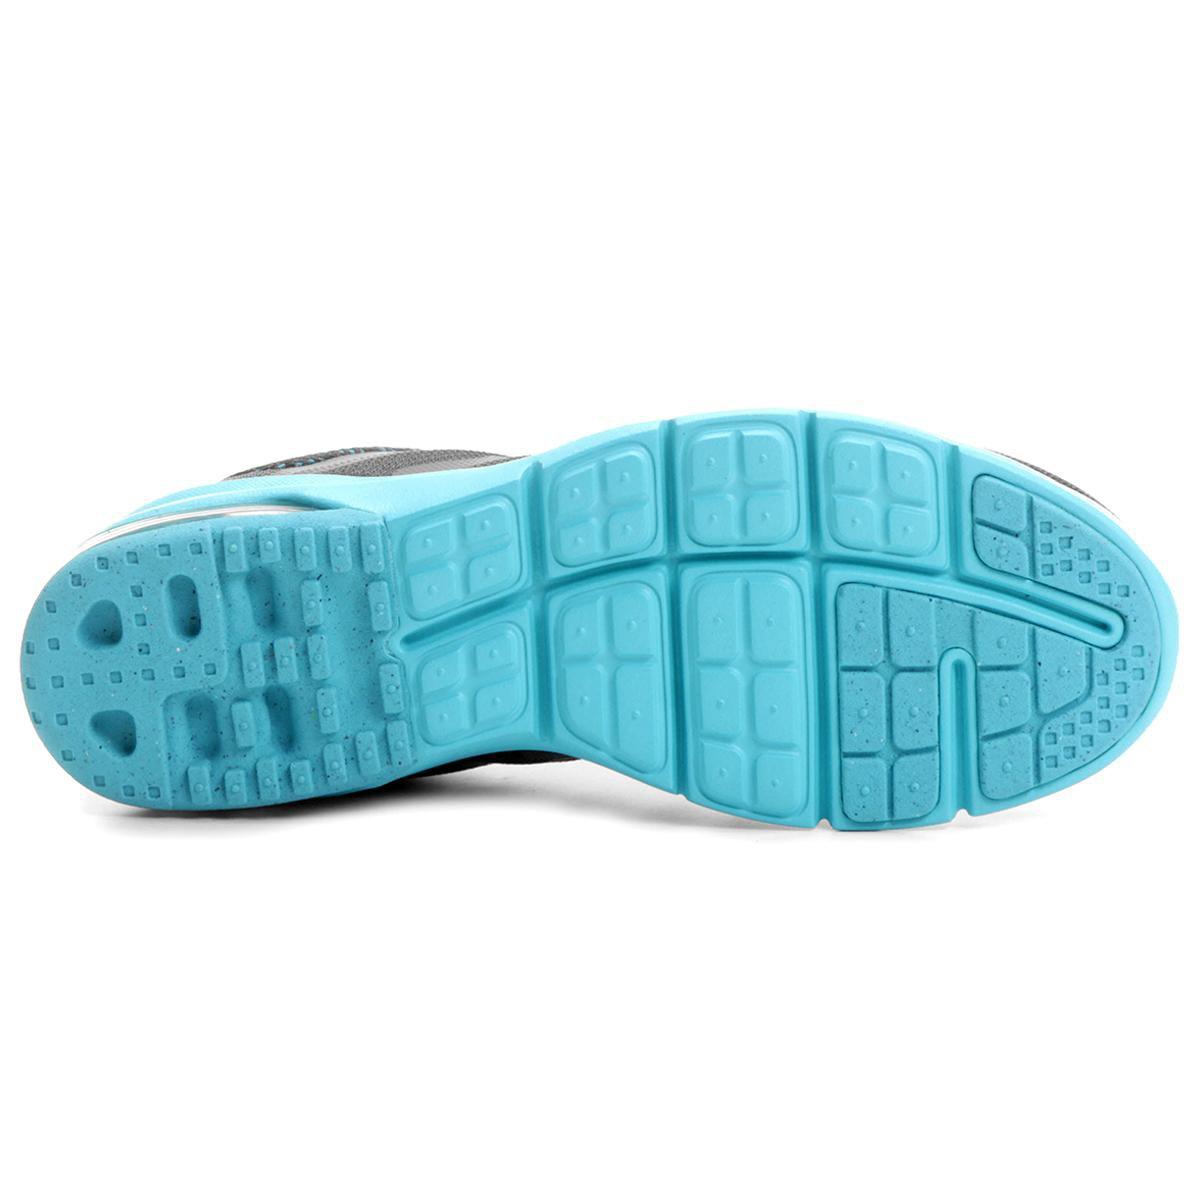 e Nike Feminino Tênis Nike Air Max Tênis Azul Era Air Max Grafite nwv4qT1p